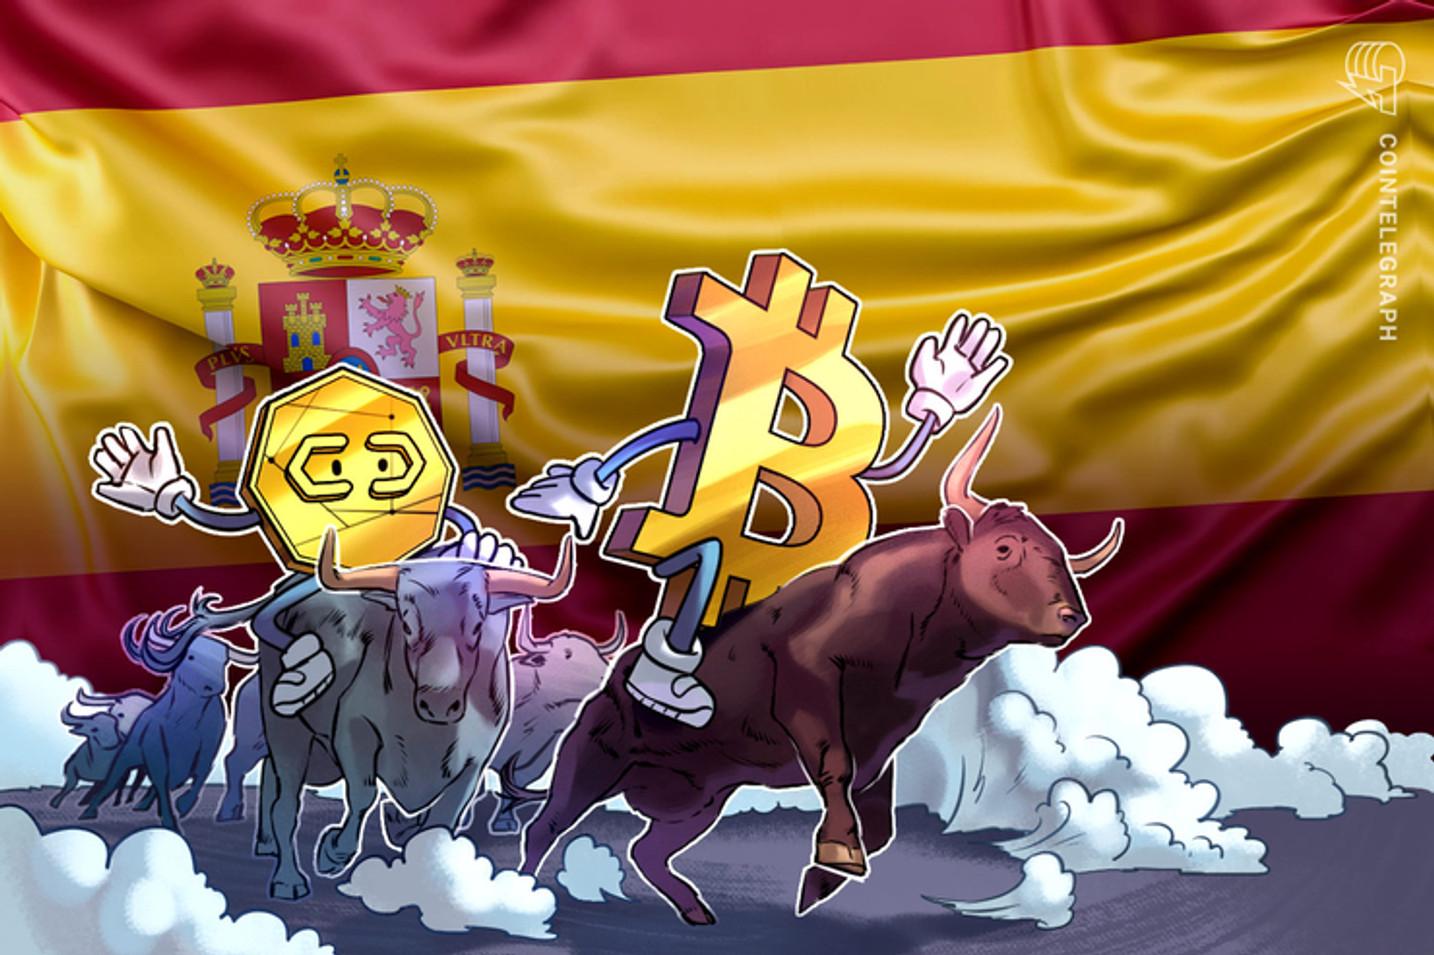 El Ibex de España en alza histórica, pero la recuperación requiere más estímulos. ¿Por qué?